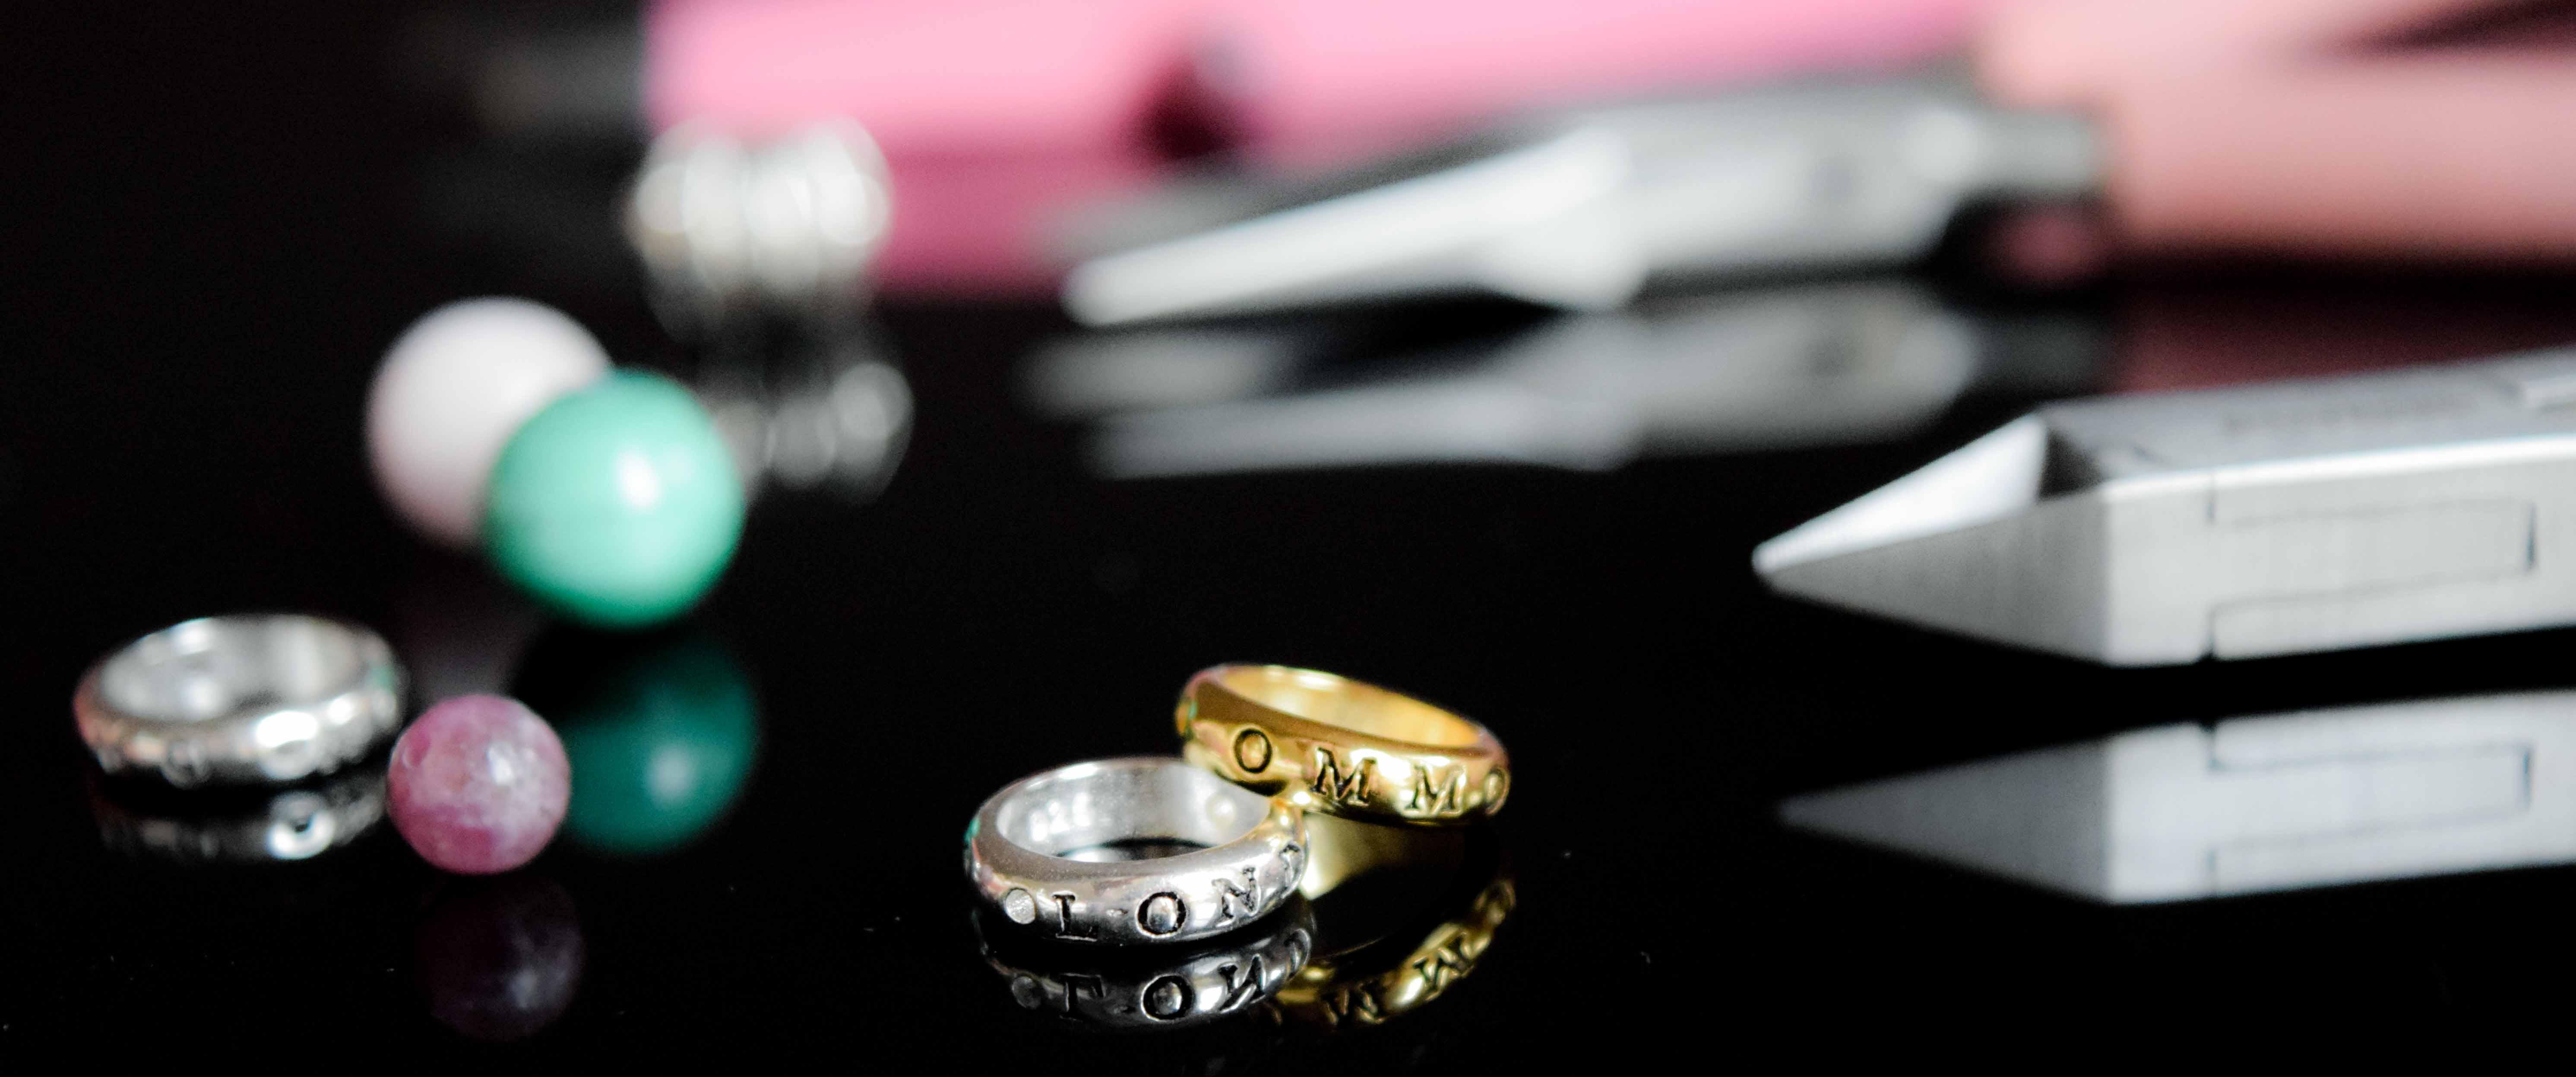 bespoke bracelets, bespoke jewellery, bespoke beaded bracelets, bespoke bracelets uk, custom made jewellery, custom made bracelets uk